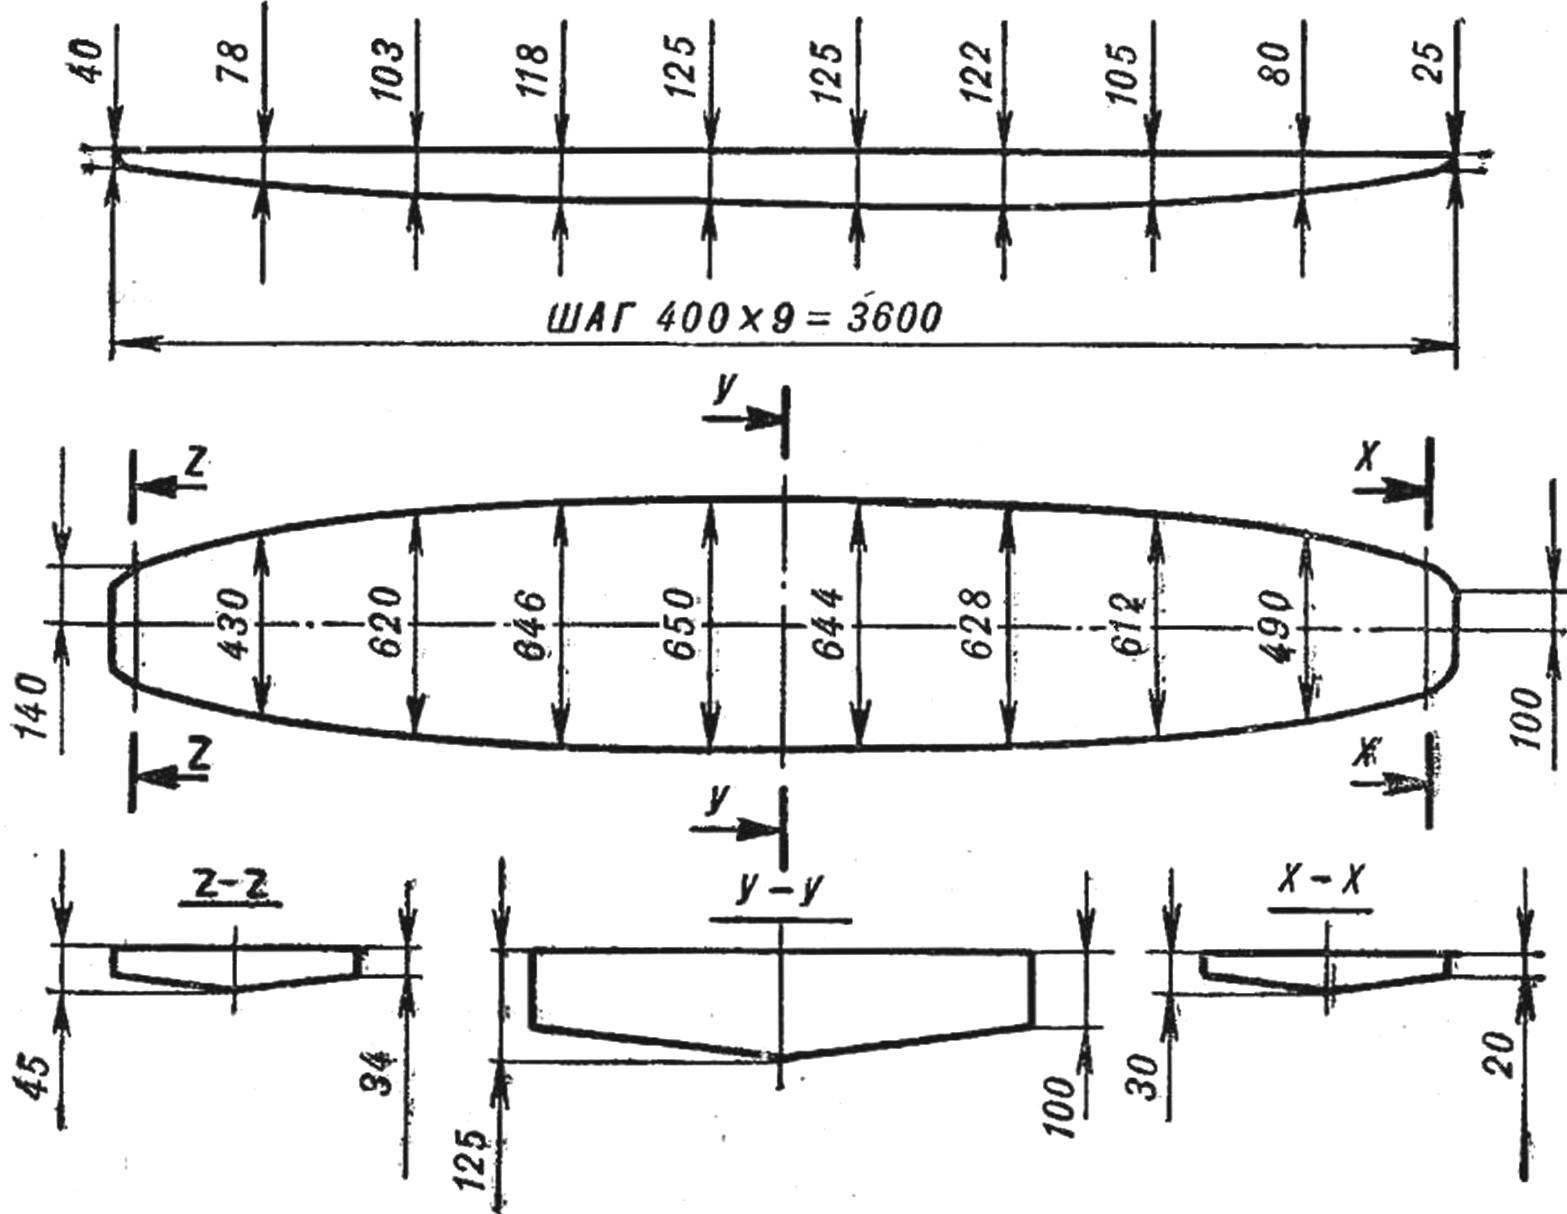 Рис. 1. Теоретический чертеж доски-корпуса